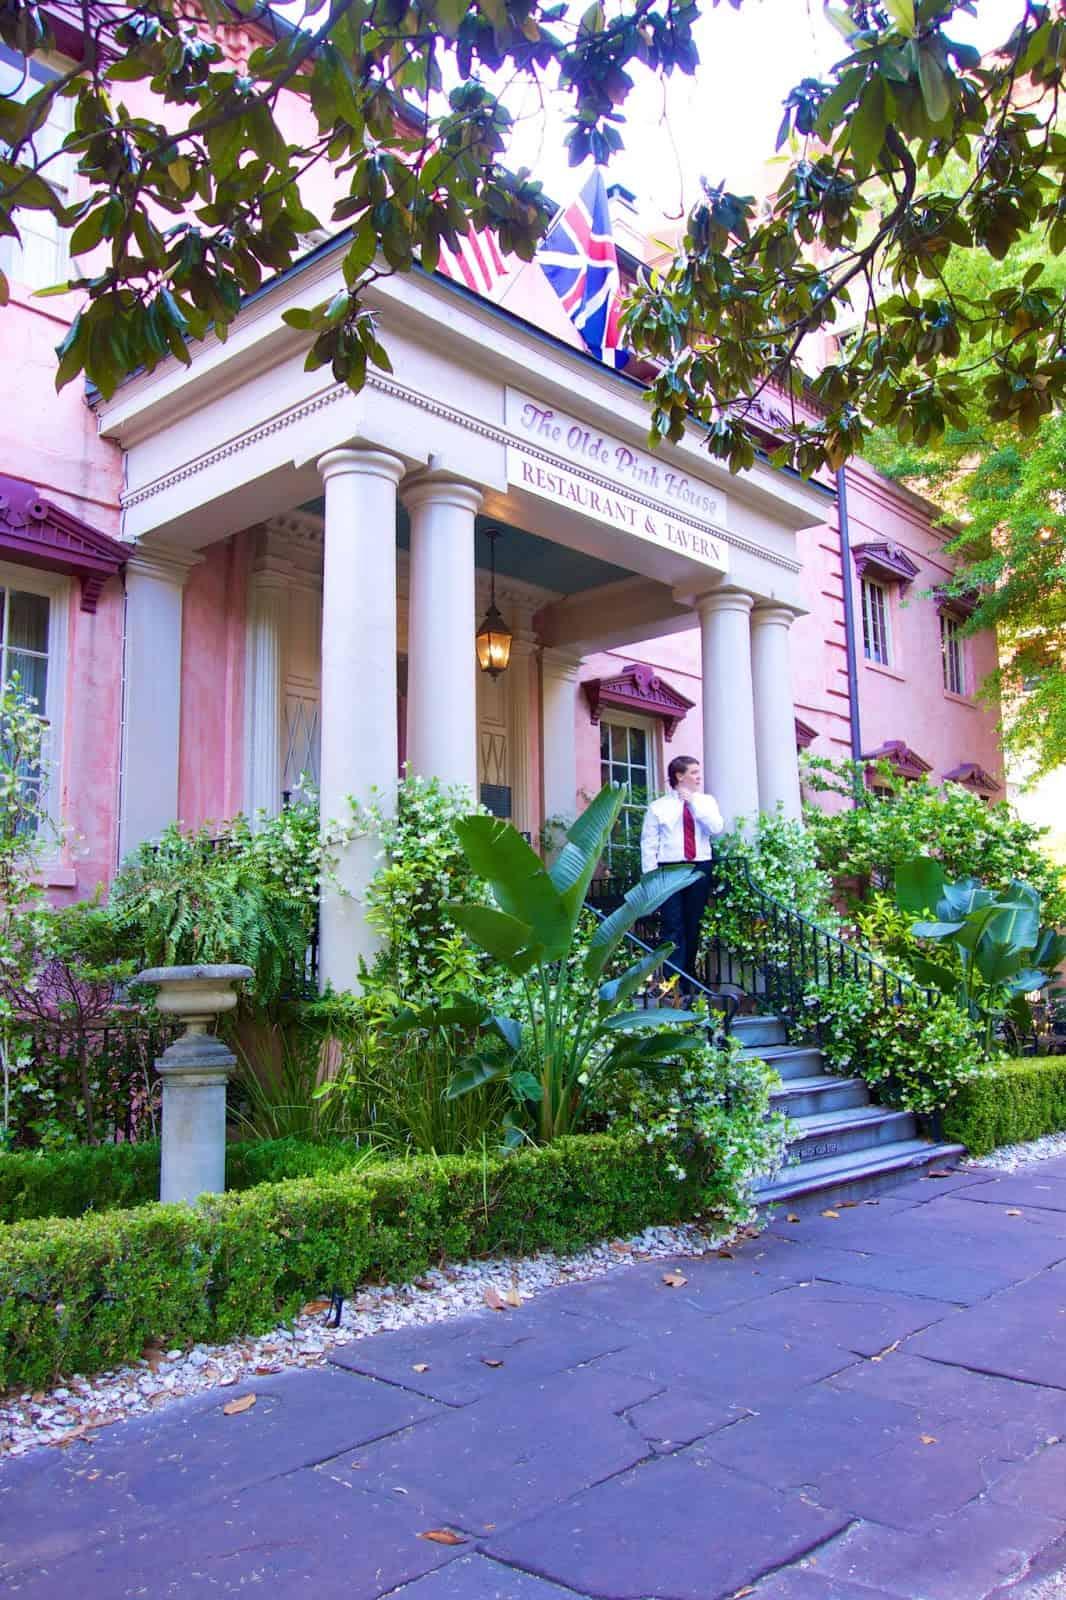 The Olde Pink House in Savannah, GA